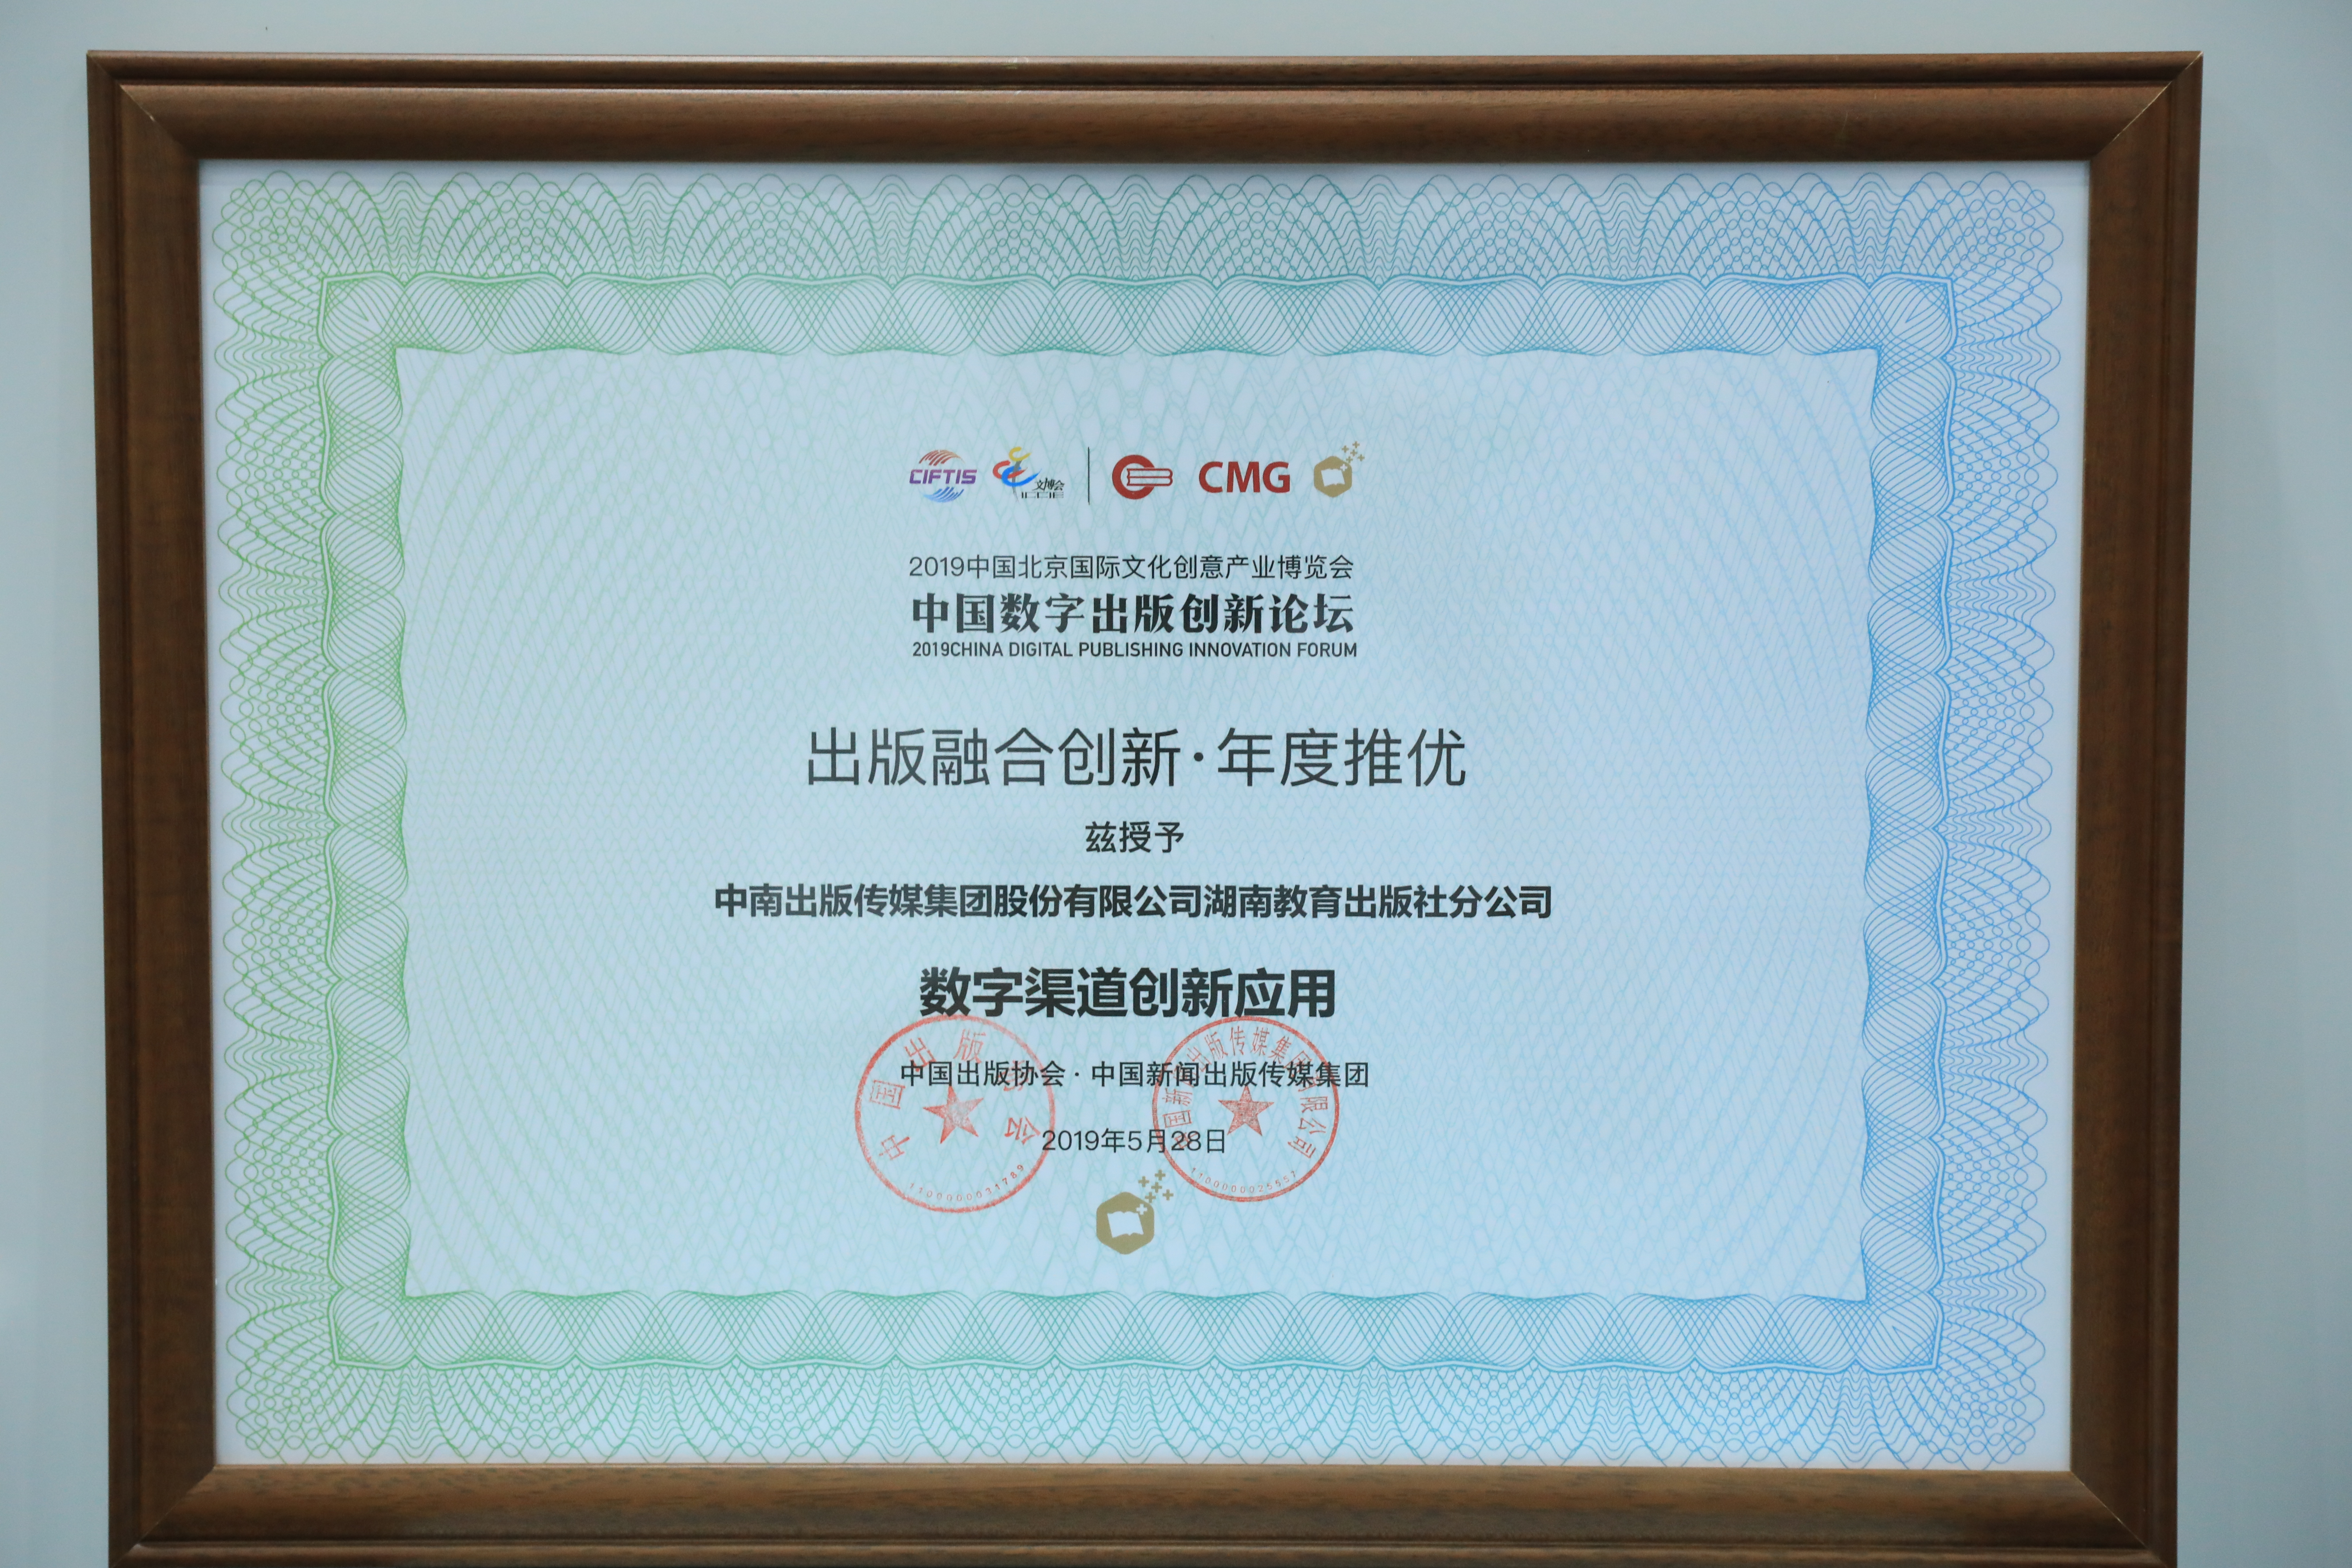 优秀!湖南教育出版社贝壳网刚刚荣获一个全国大奖!